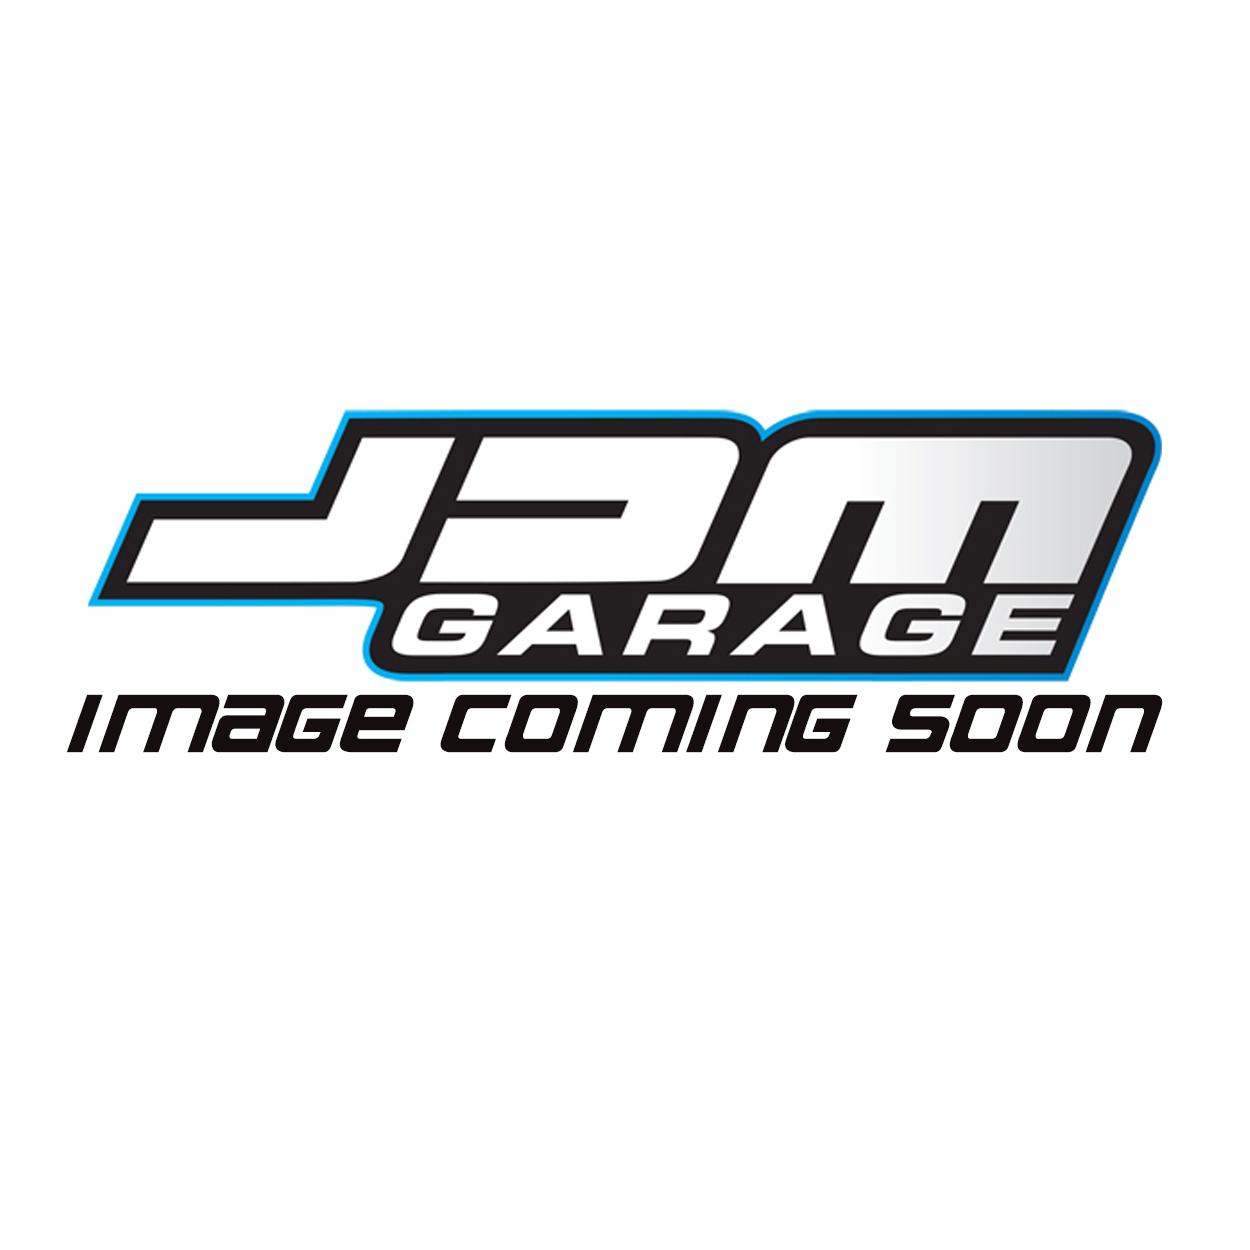 DBA 4000 Series Front Brake Disc - T3 - For Honda Civic EK FK FD FN / Integra DC2 DC8 / CR-V FR-V / Prelude